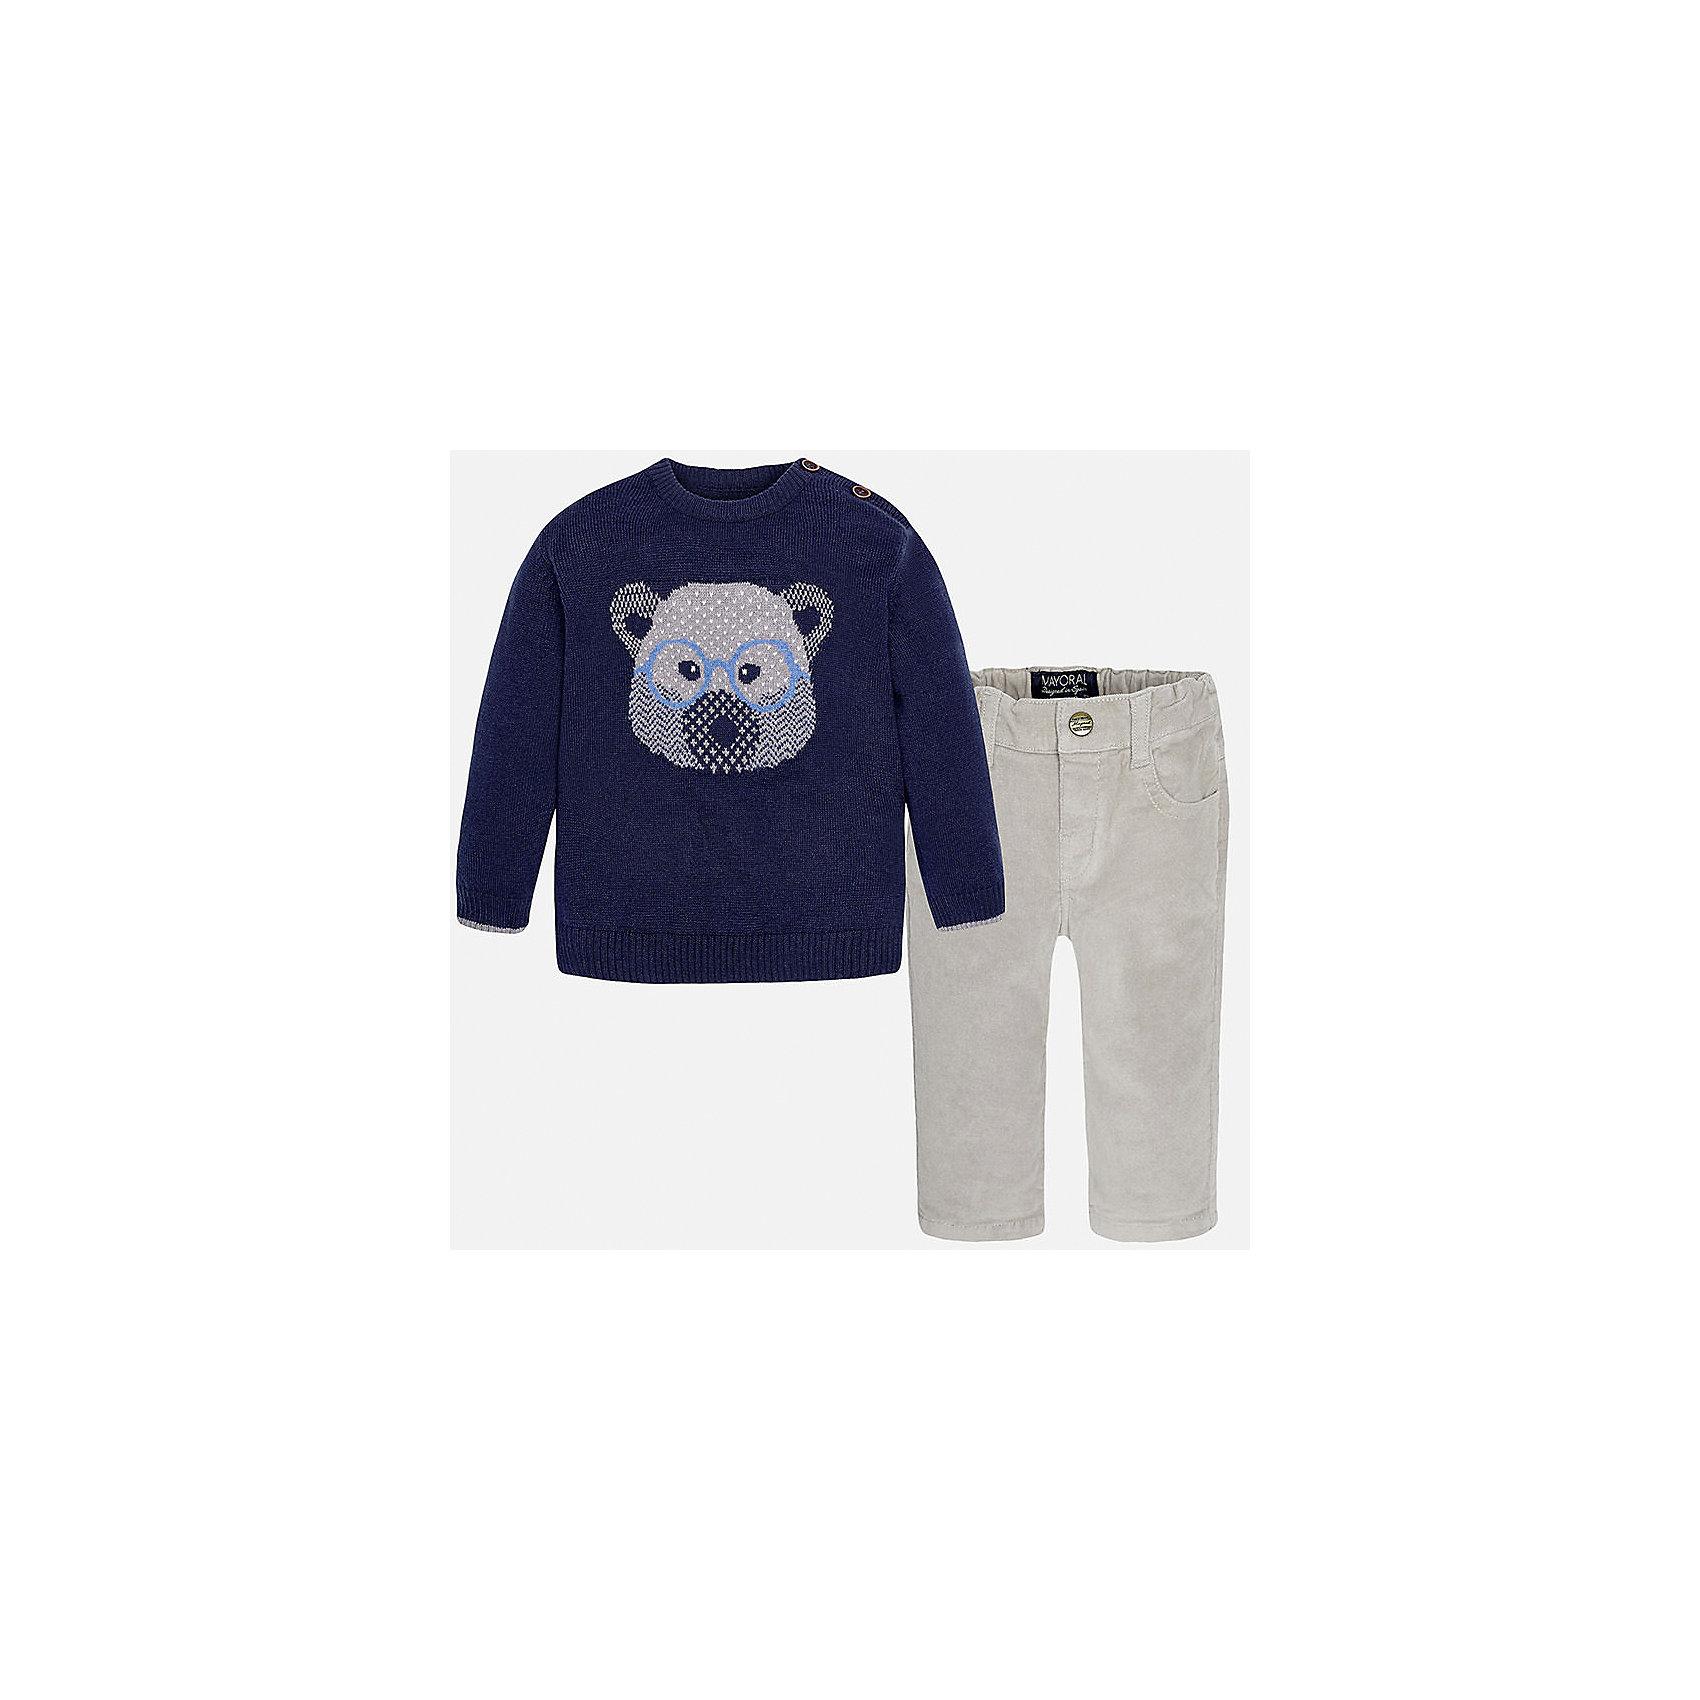 Комплект: джемпер и брюки для мальчика MayoralКомплекты<br>Комплект: джемпер и брюки для мальчика Mayoral (Майорал)<br>Комплект джемпер и брюки для мальчика от известной испанской марки Mayoral (Майорал) - прекрасный вариант для повседневной носки. Он состоит из темно-синего джемпера с длинными рукавами и светло-серых брюк. Джемпер с округлым вырезом горловины, украшенный изображением мордочки медвежонка, выполнен из мягкой, приятной на ощупь ткани с добавлением шерсти. Удобный крой не будет стеснять движений вашего ребенка, а благодаря застежкам-пуговицам, расположенным на плече, переодевание будет быстрым и легким. Брюки прямого кроя застегиваются на кнопку. Пояс - на резинке. Комплект выполнен из высококачественных материалов, прекрасно смотрится на фигуре, не линяет и не выцветает.<br><br>Дополнительная информация:<br><br>- Комплектация: брюки, джемпер<br>- Цвет: темно-синий, светло-серый<br>- Состав: джемпер - 60% хлопок, 30% полиамид, 10% шерсть; брюки – 98% хлопок, 2% эластан<br>- Уход за вещами: бережная стирка при 30 градусах<br><br>Комплект: джемпер и брюки для мальчика Mayoral (Майорал) можно купить в нашем интернет-магазине.<br><br>Ширина мм: 190<br>Глубина мм: 74<br>Высота мм: 229<br>Вес г: 236<br>Цвет: белый<br>Возраст от месяцев: 6<br>Возраст до месяцев: 9<br>Пол: Мужской<br>Возраст: Детский<br>Размер: 74,92,86,80<br>SKU: 4820758